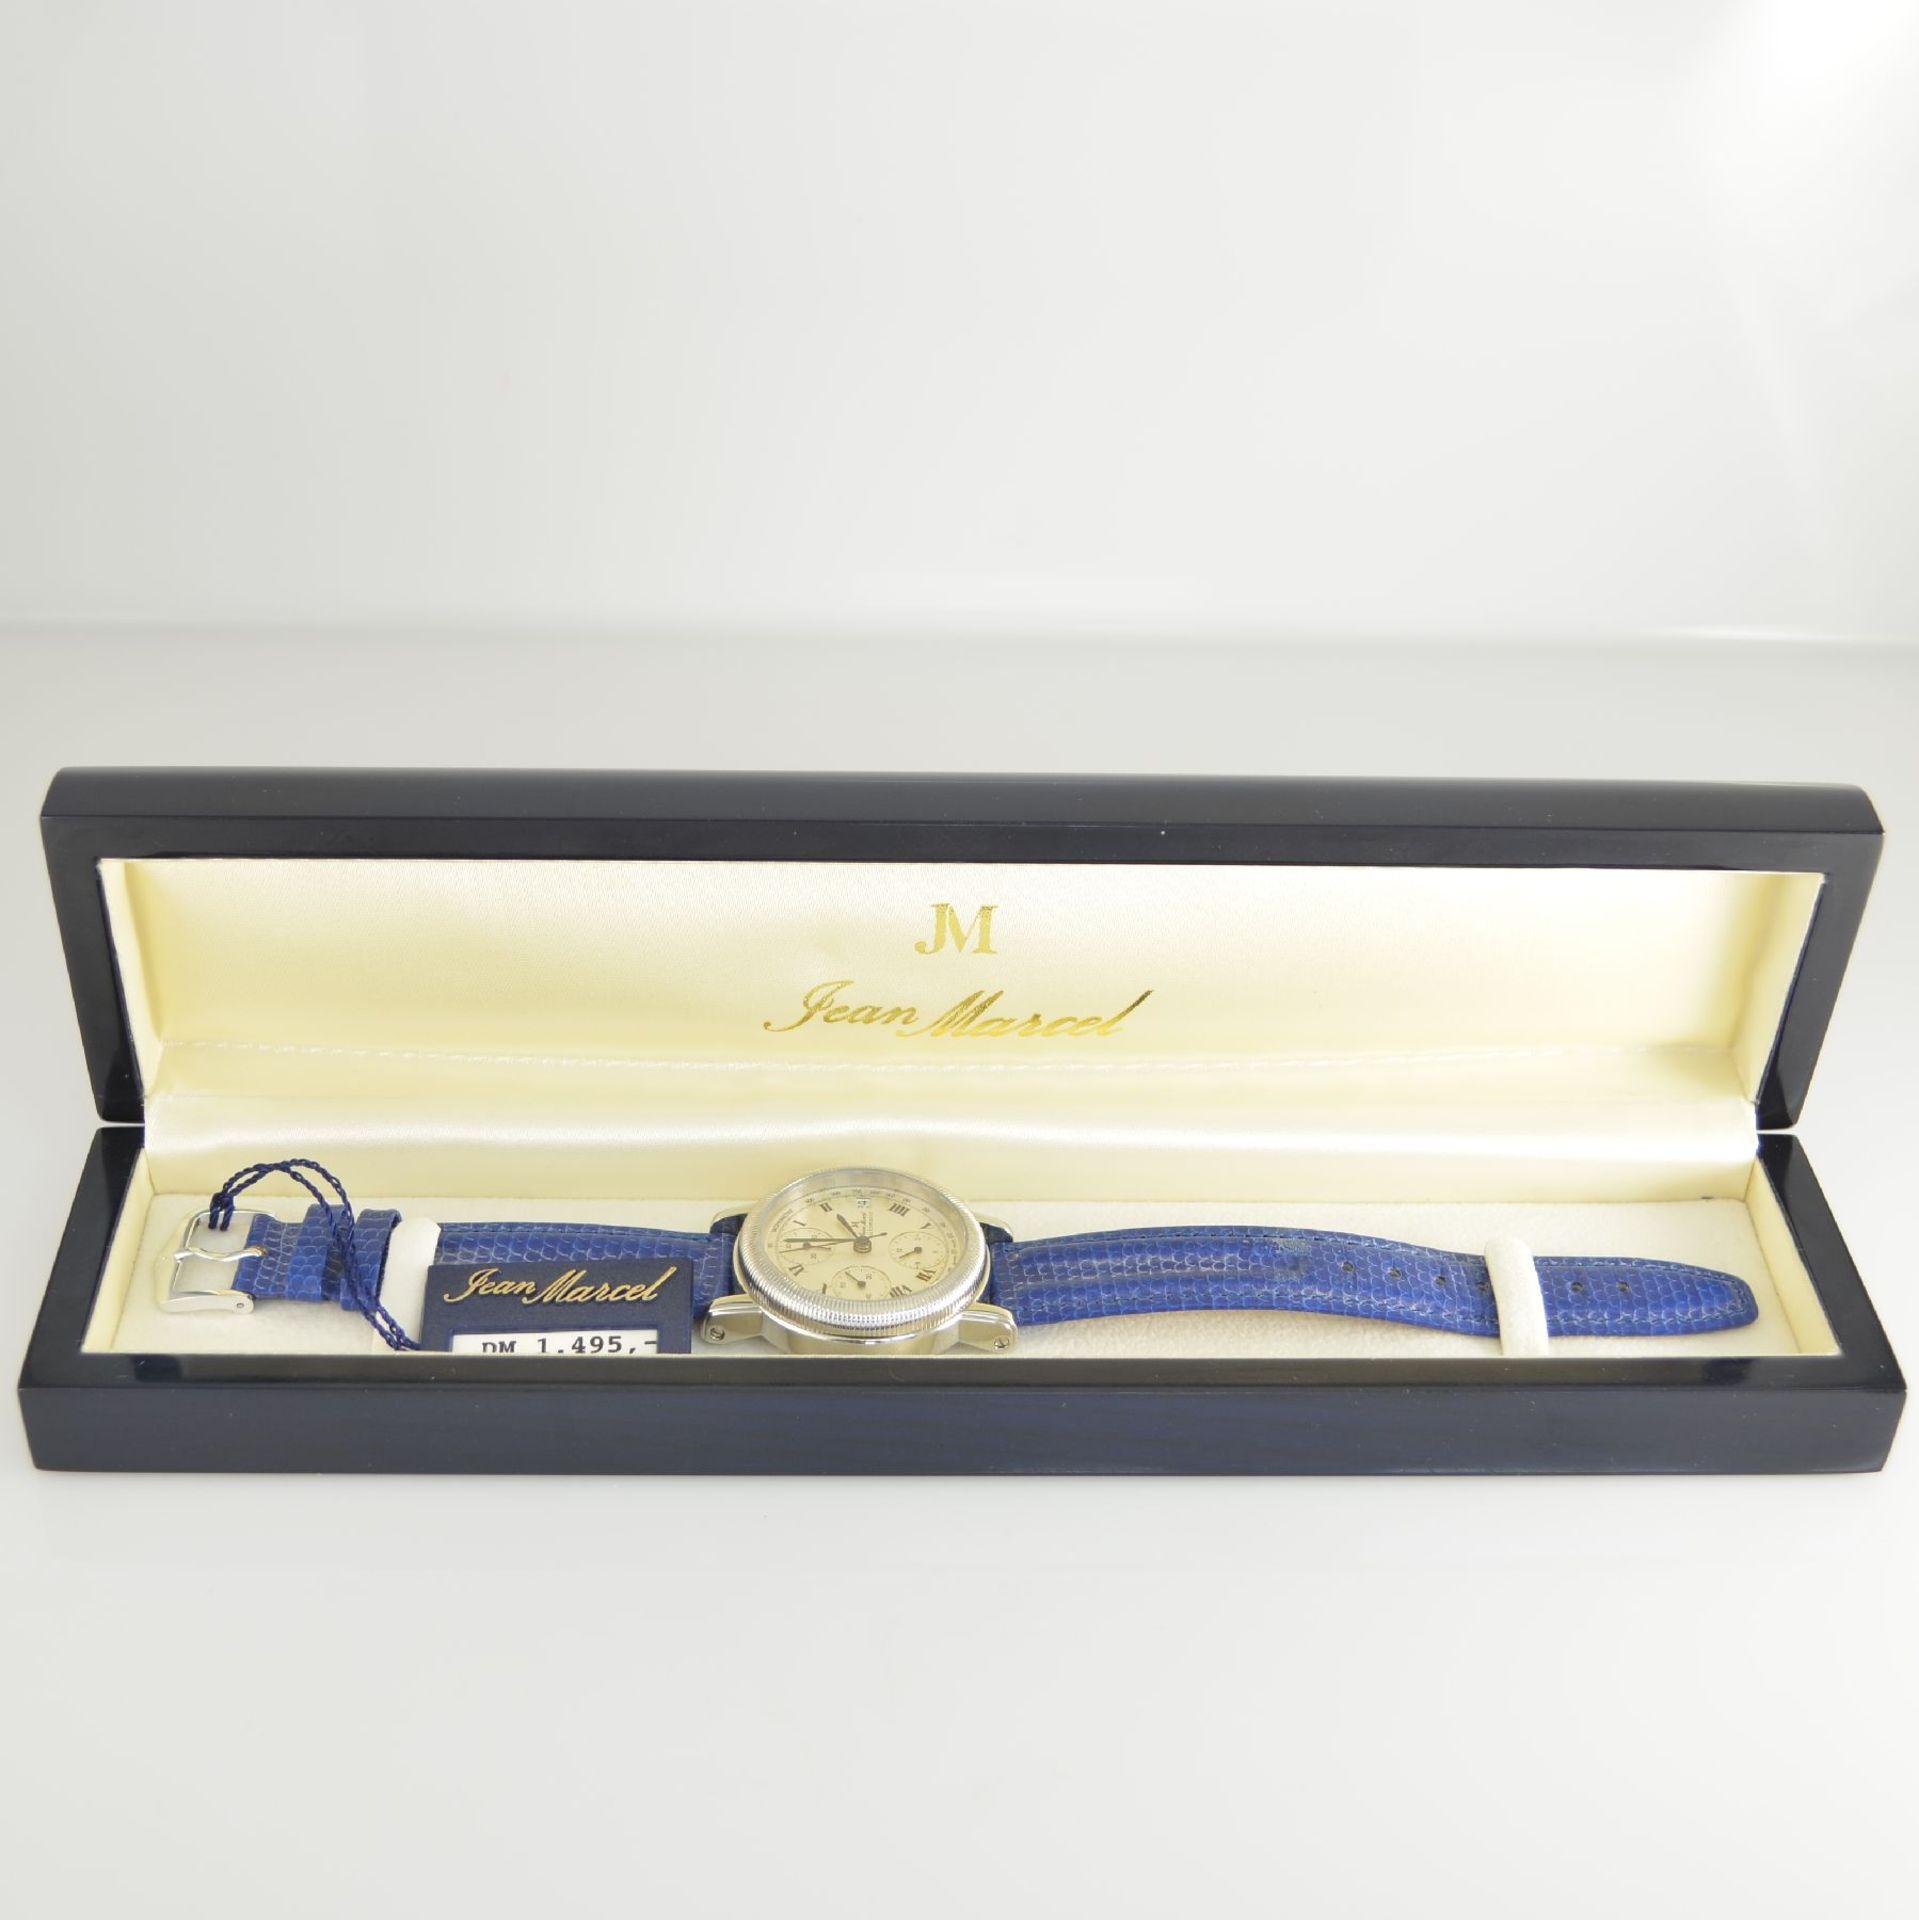 JEAN MARCEL Herrenarmbanduhr mit Chronograph, Schweiz um 2000, Automatik, Ref. 160.134, beids. - Bild 7 aus 7